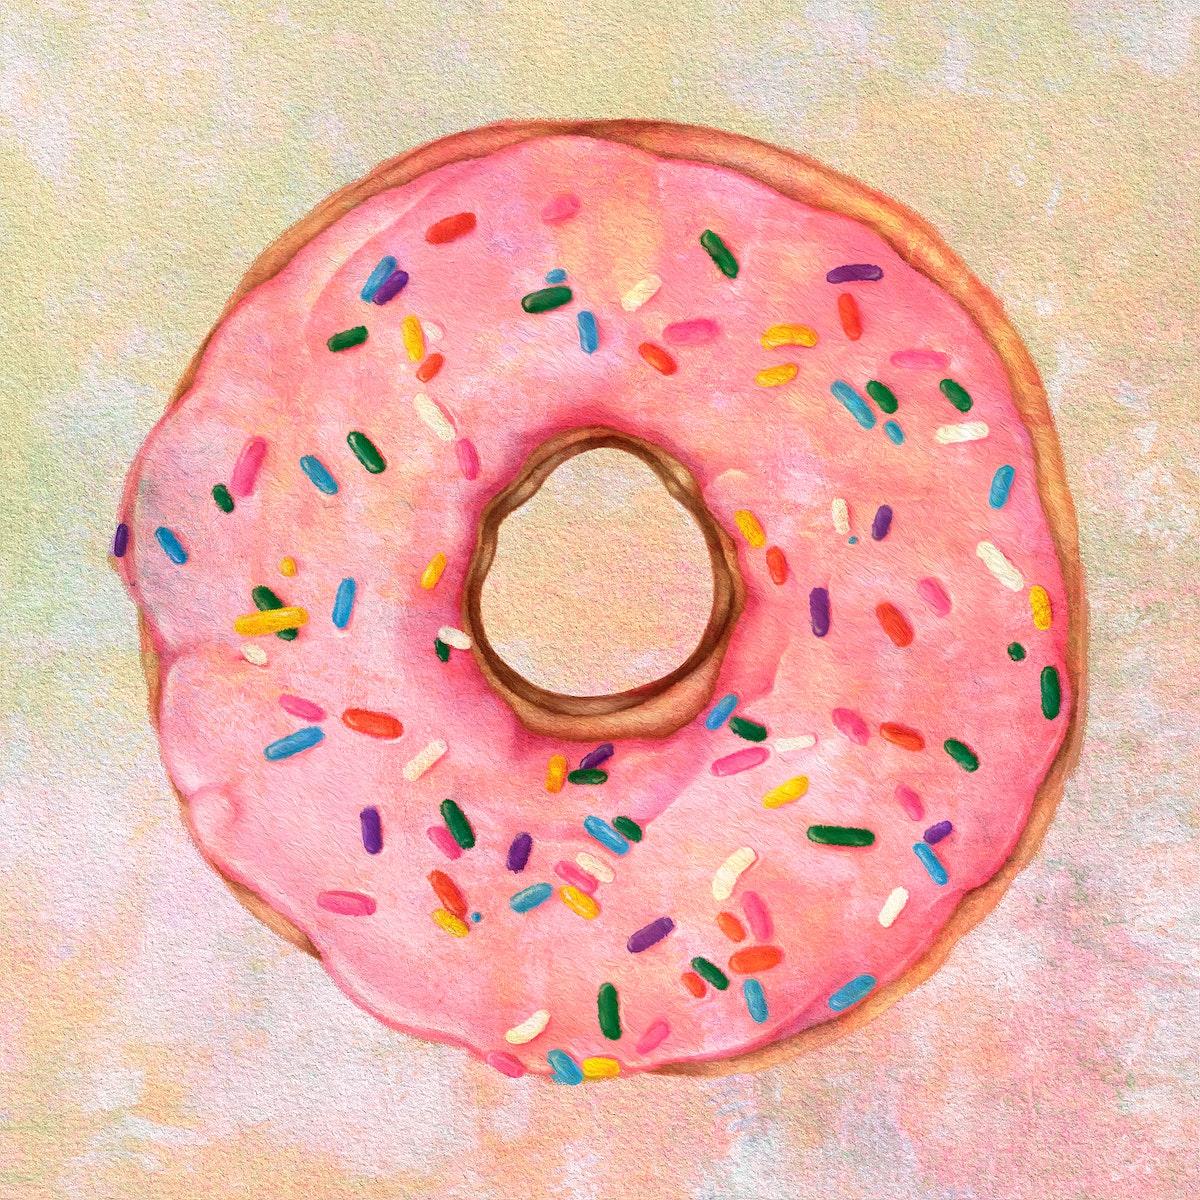 Glazed pink doughnut with sprinkles design element illustration